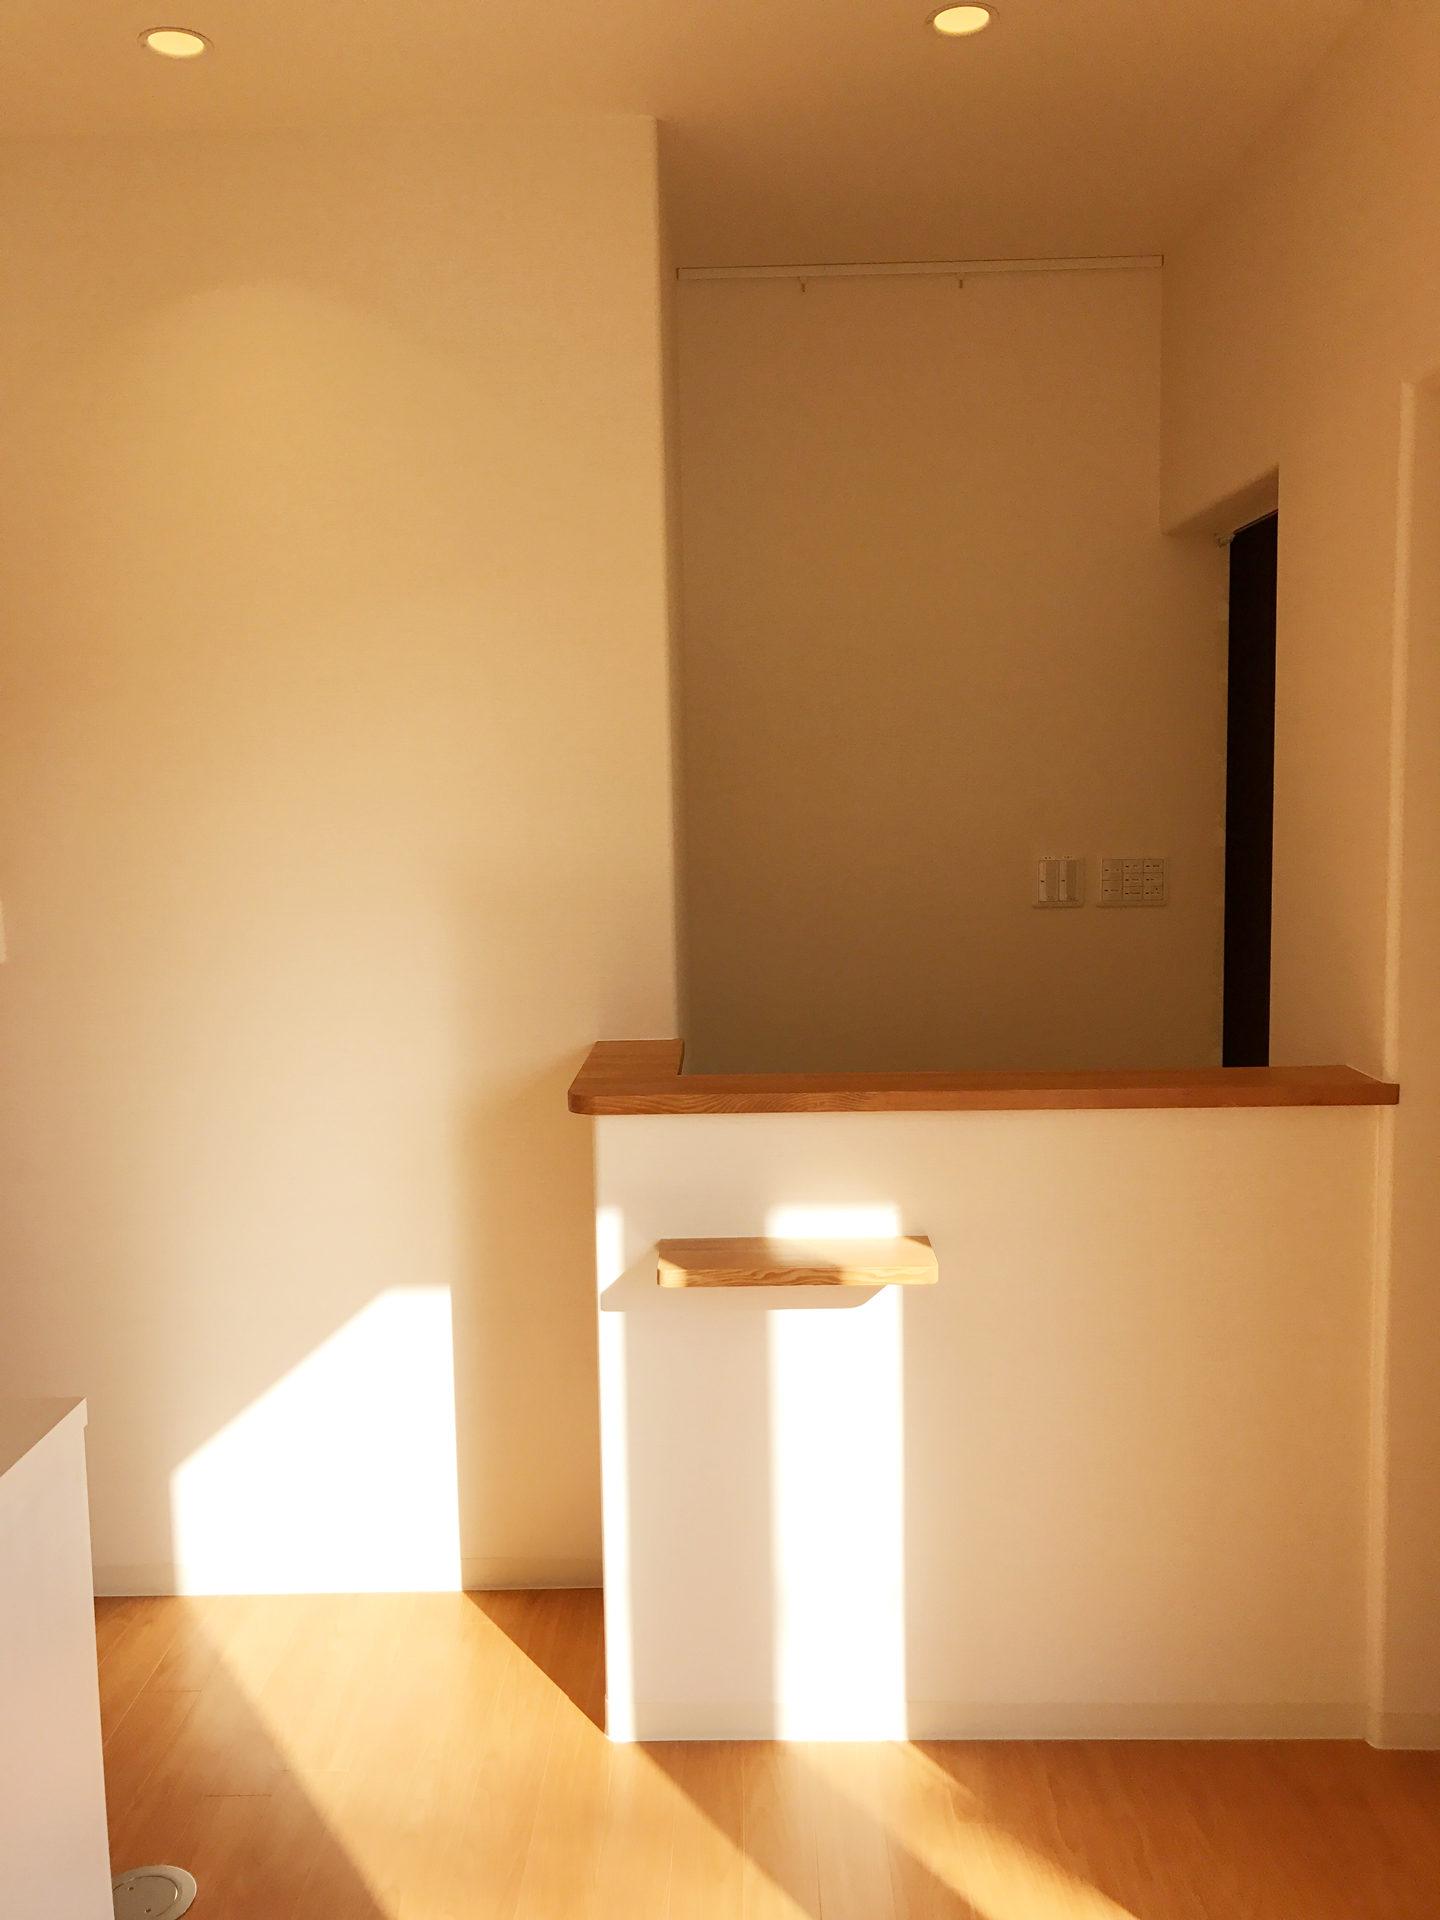 レディース治療院(はり・あん・マッサージ)付き二世帯住宅のかわいい受付カウンター